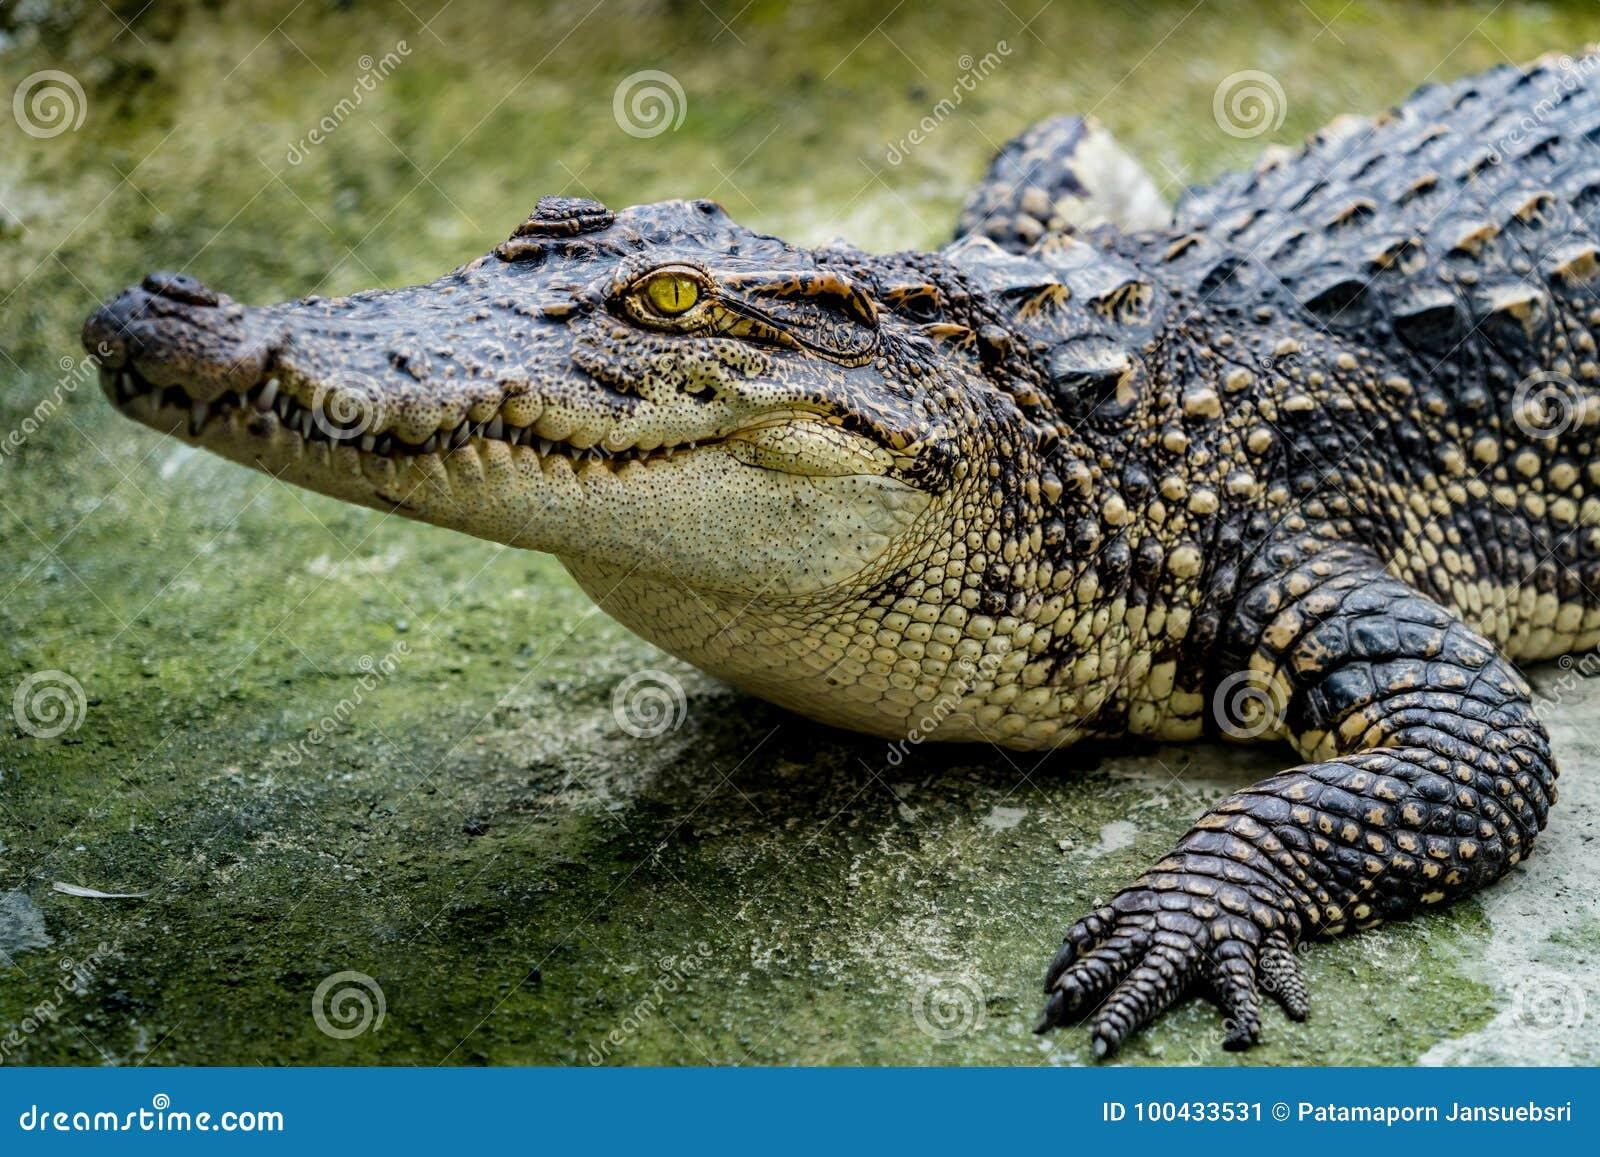 鳄鱼在动物园里